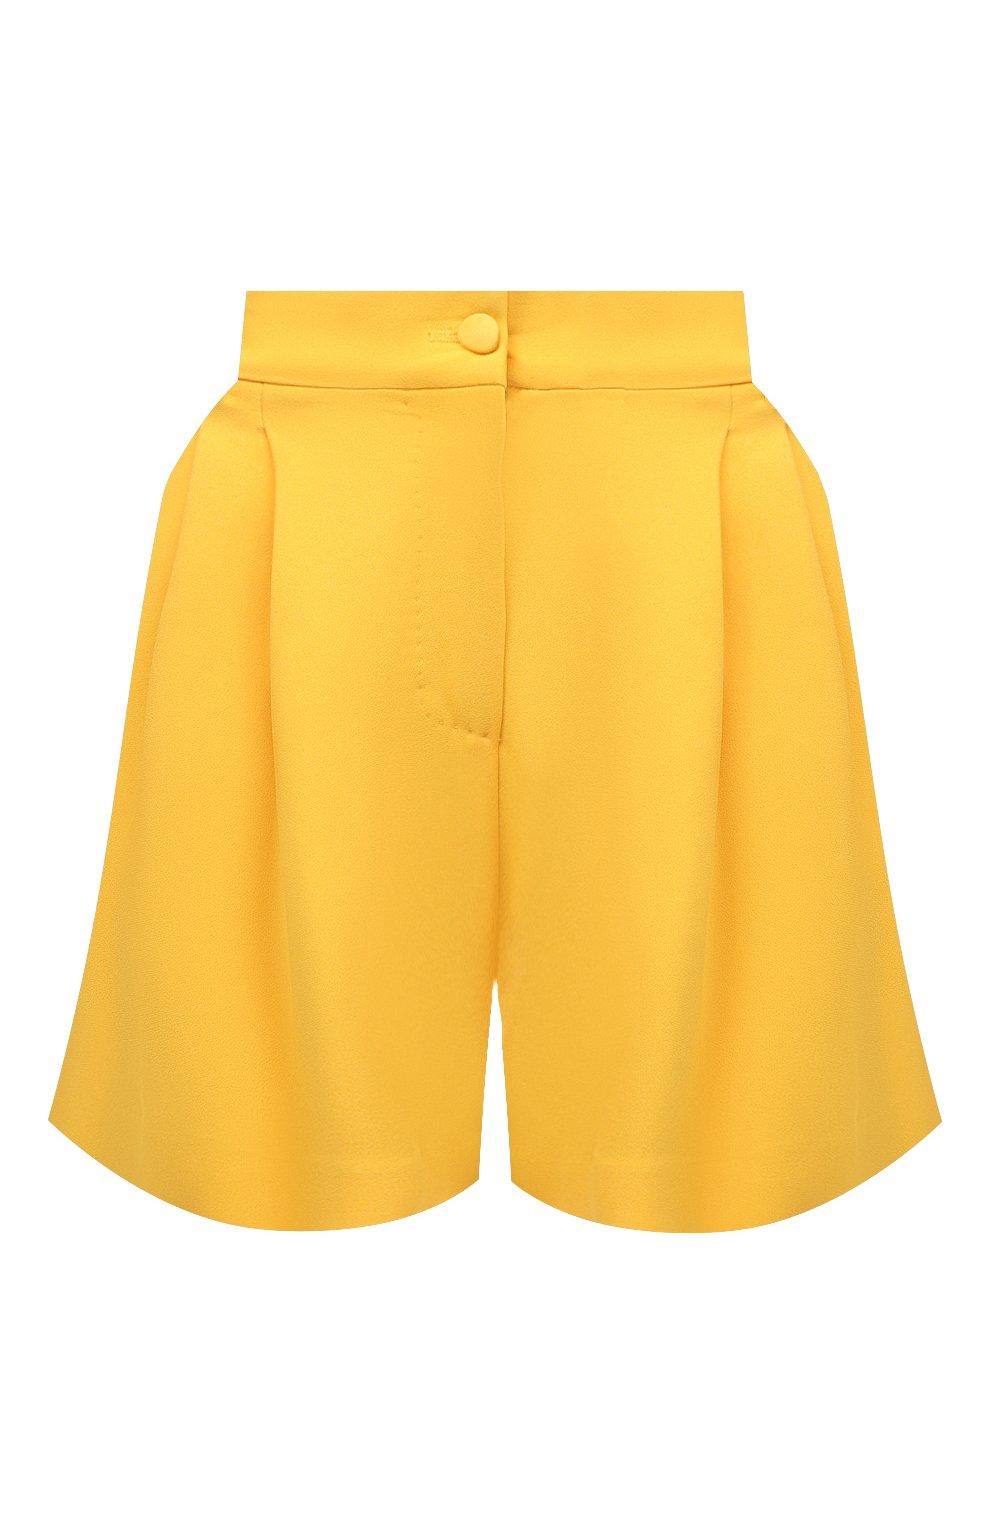 Женские шорты DOLCE & GABBANA желтого цвета, арт. FTB12T/FURDV | Фото 1 (Женское Кросс-КТ: Шорты-одежда; Стили: Гламурный; Длина Ж (юбки, платья, шорты): Мини; Материал внешний: Синтетический материал, Вискоза)